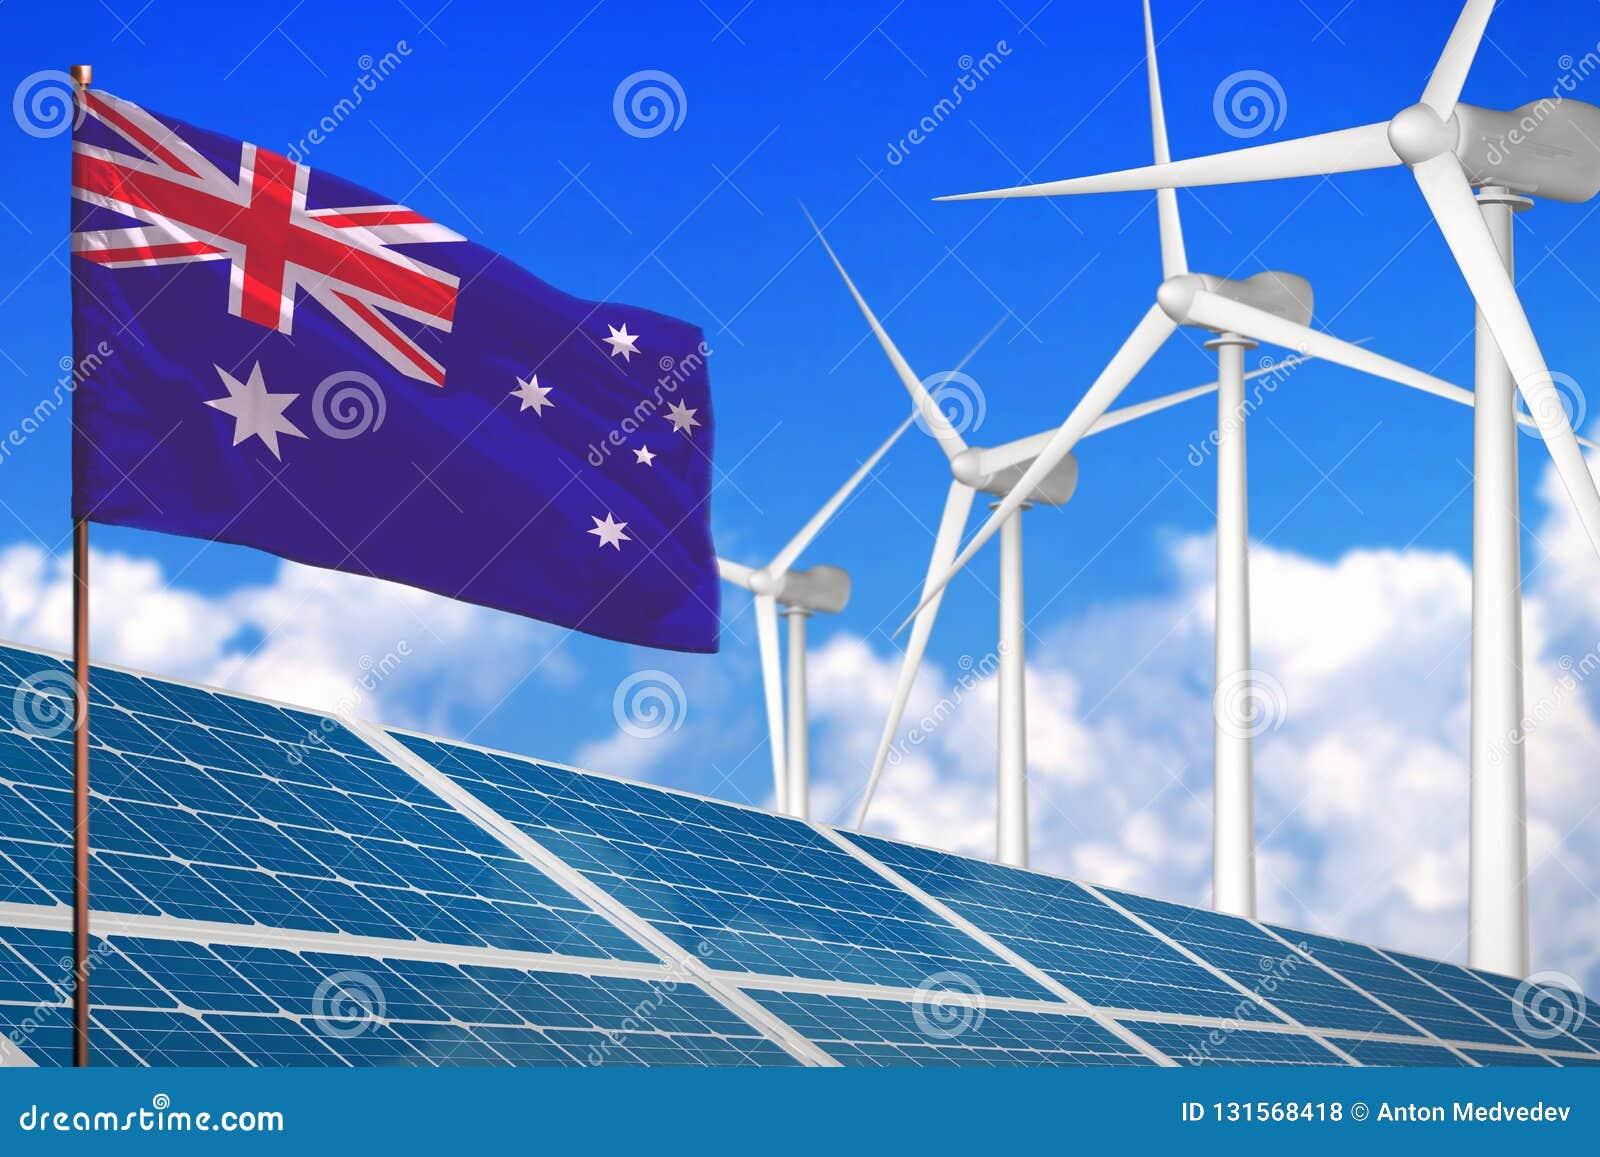 Austrália solar e energias eólicas, conceito com os moinhos de vento - energia renovável da energia renovável contra o aqueciment